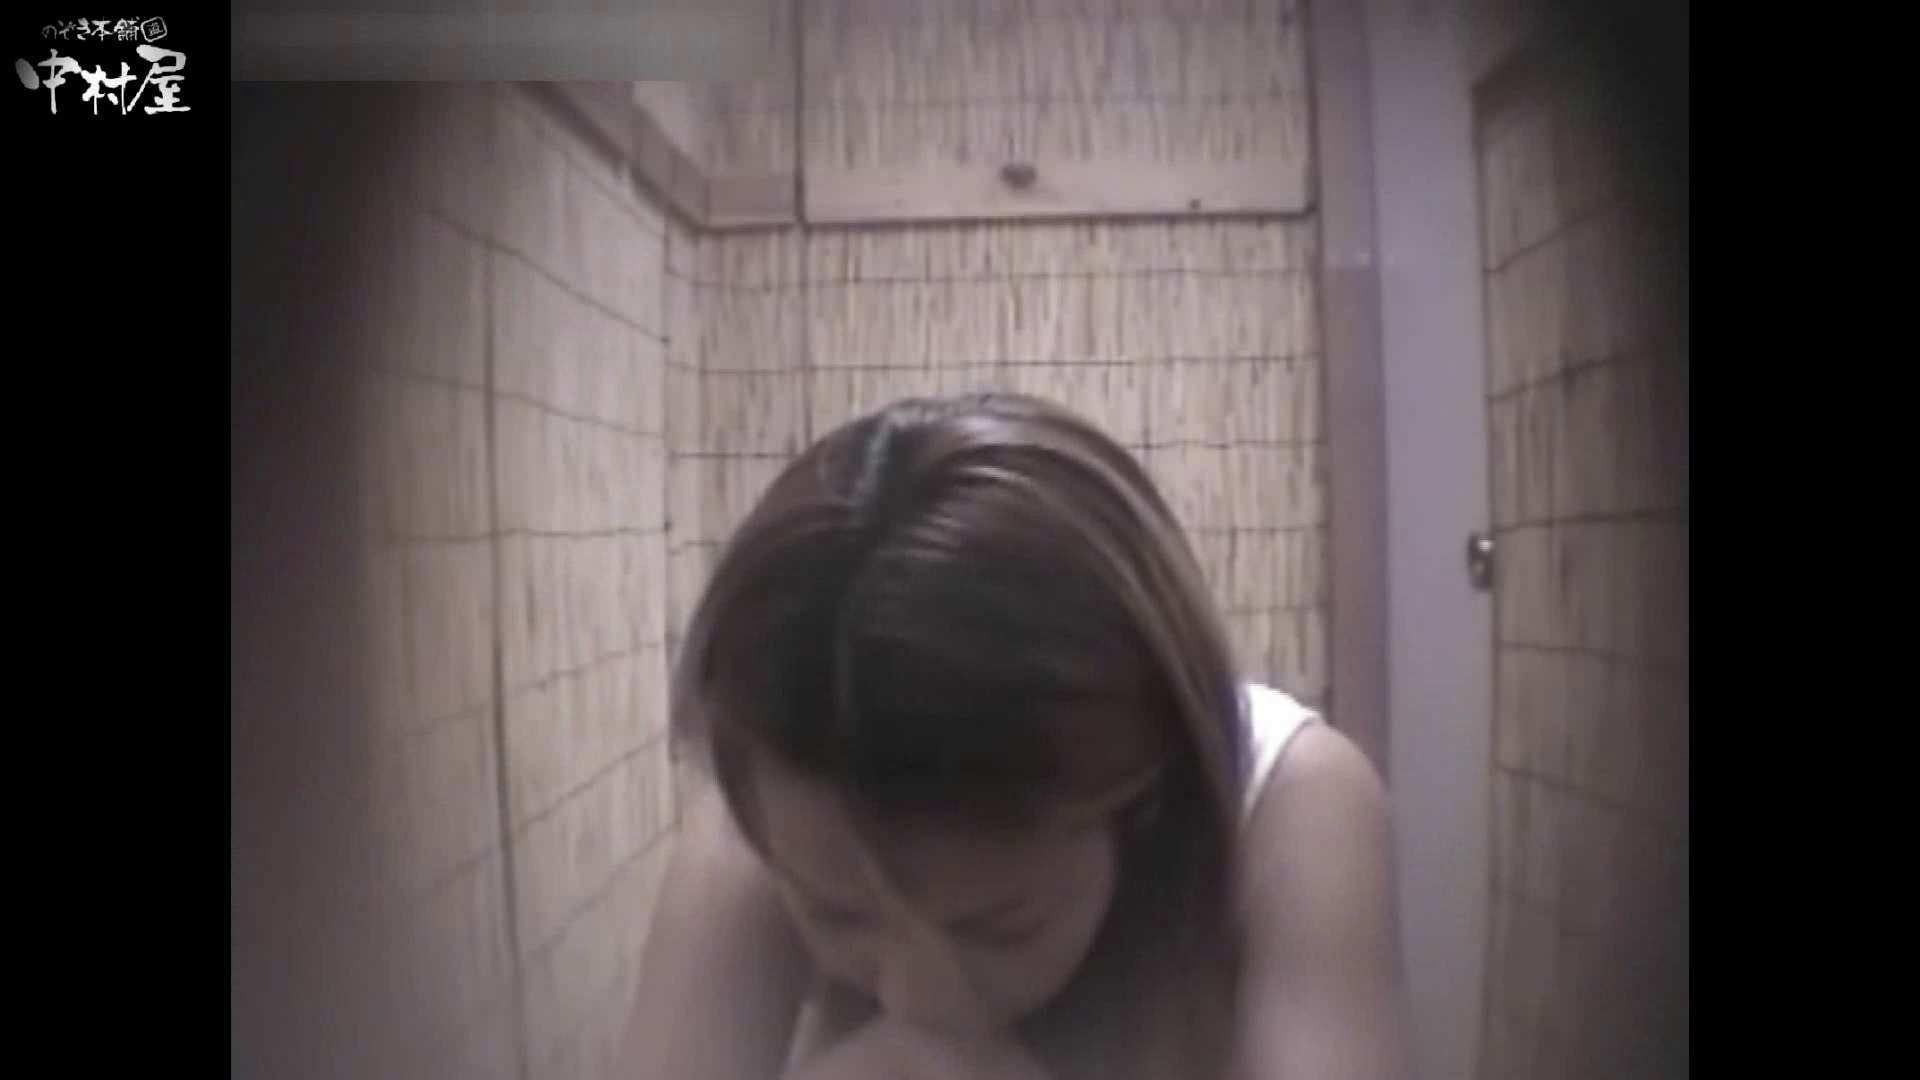 解禁!海の家4カメ洗面所vol.47 OLのエロ生活  69連発 56